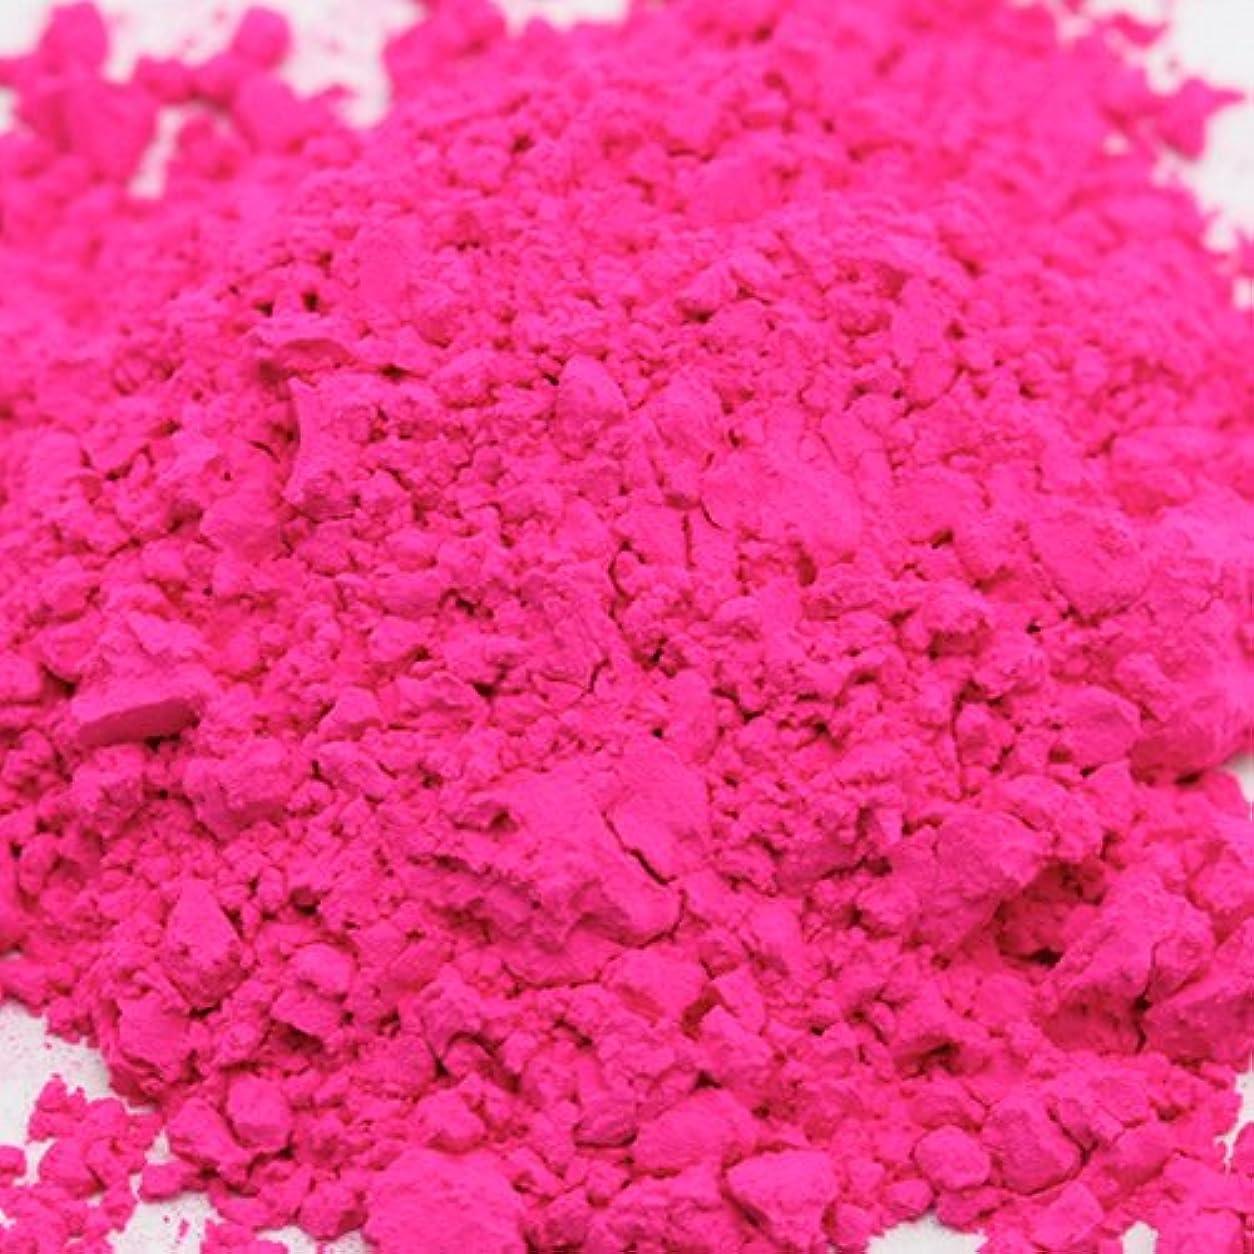 ハイランド芽統合キャンディカラー ピンク 20g 【手作り石鹸/手作りコスメ/色付け/カラーラント】